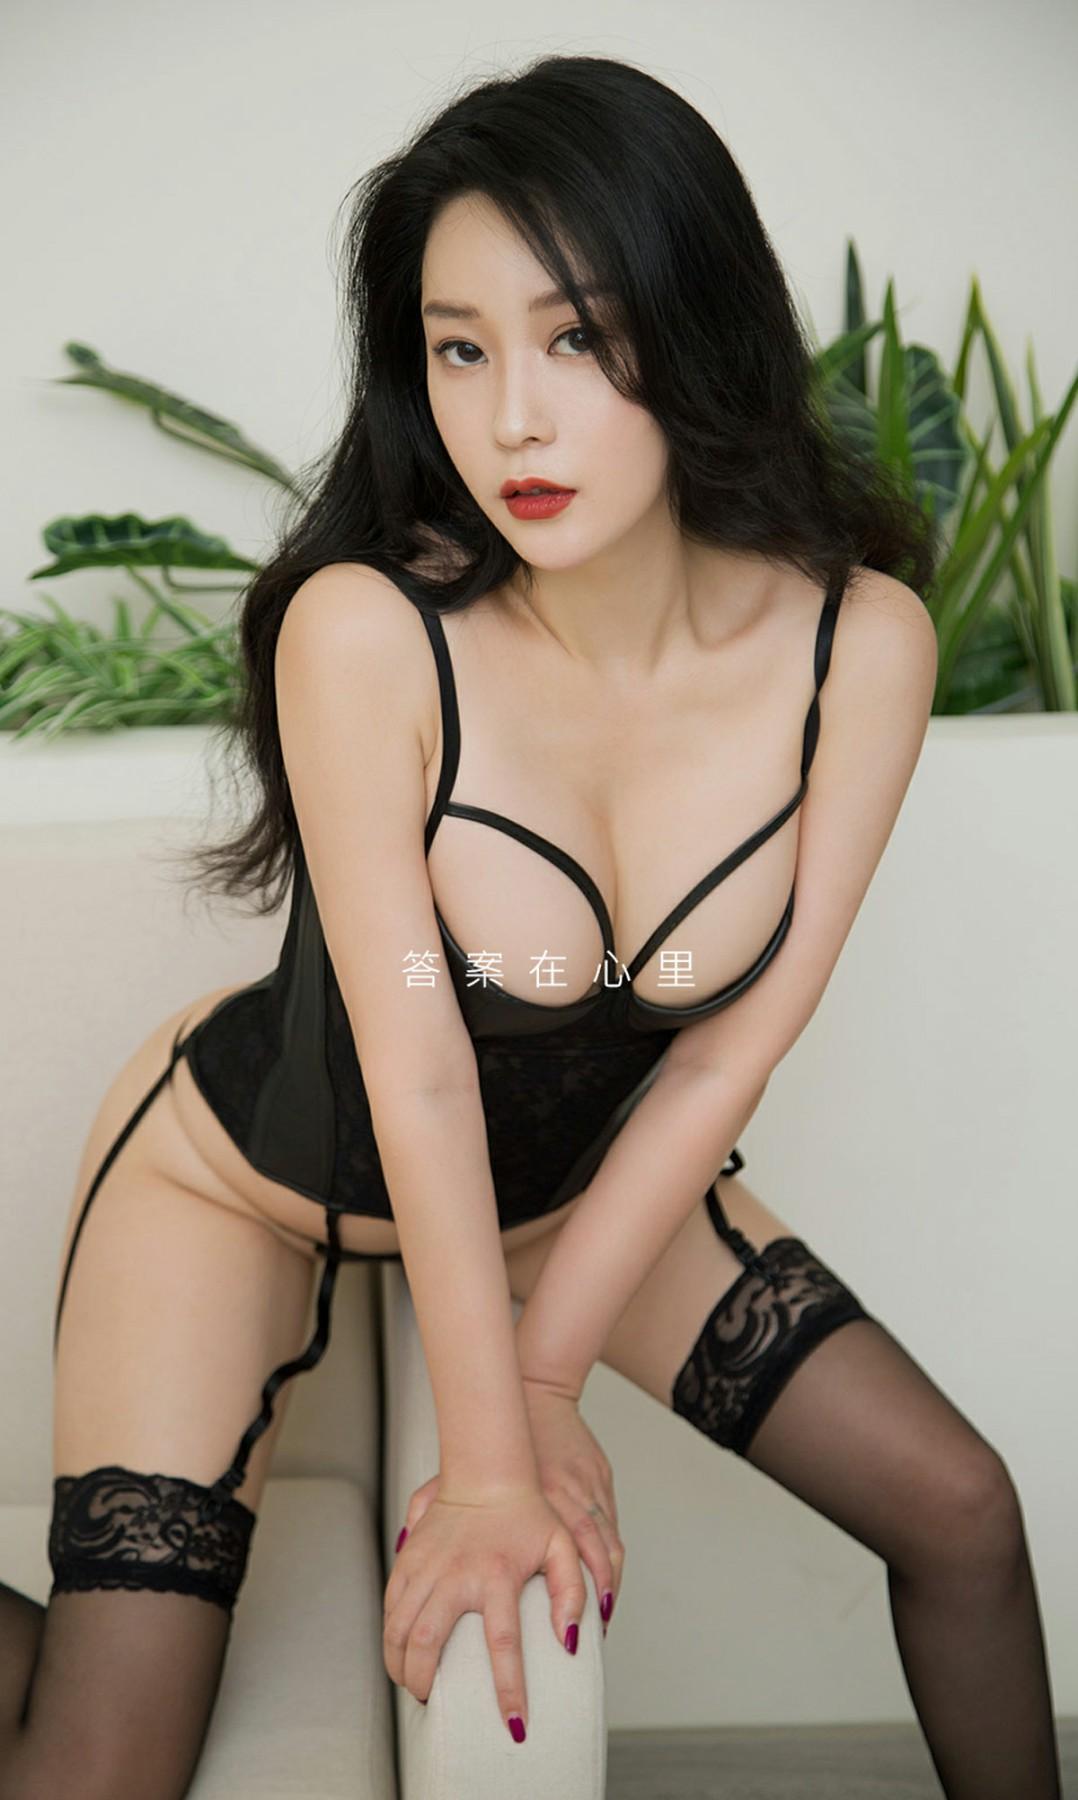 [Ugirls尤果网]爱尤物 2019.09.08 No.1572 刘瑾希 未知数[34P] 尤果网 第1张